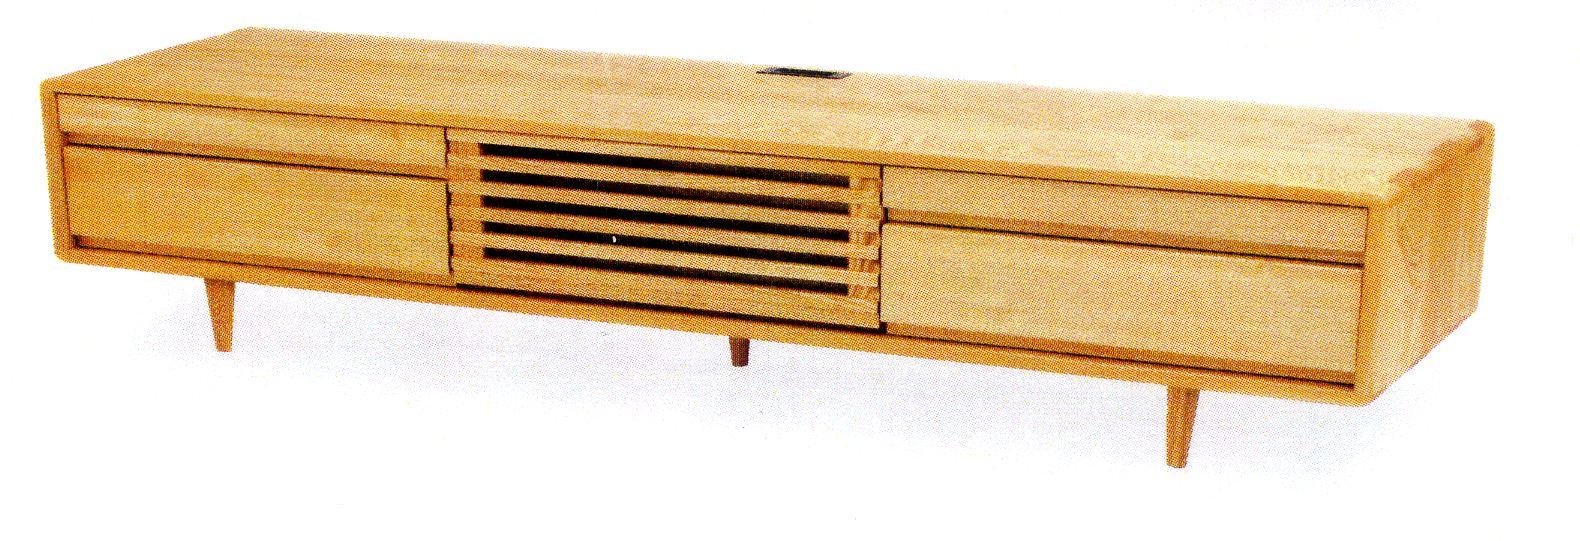 【関東内開梱設置送料無料】久和屋のSuite スイート タモ無垢の200幅TVボード